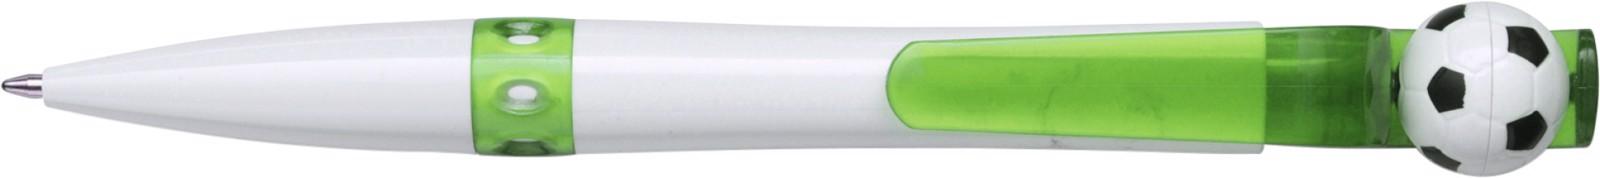 Plastic ballpen - Light Green